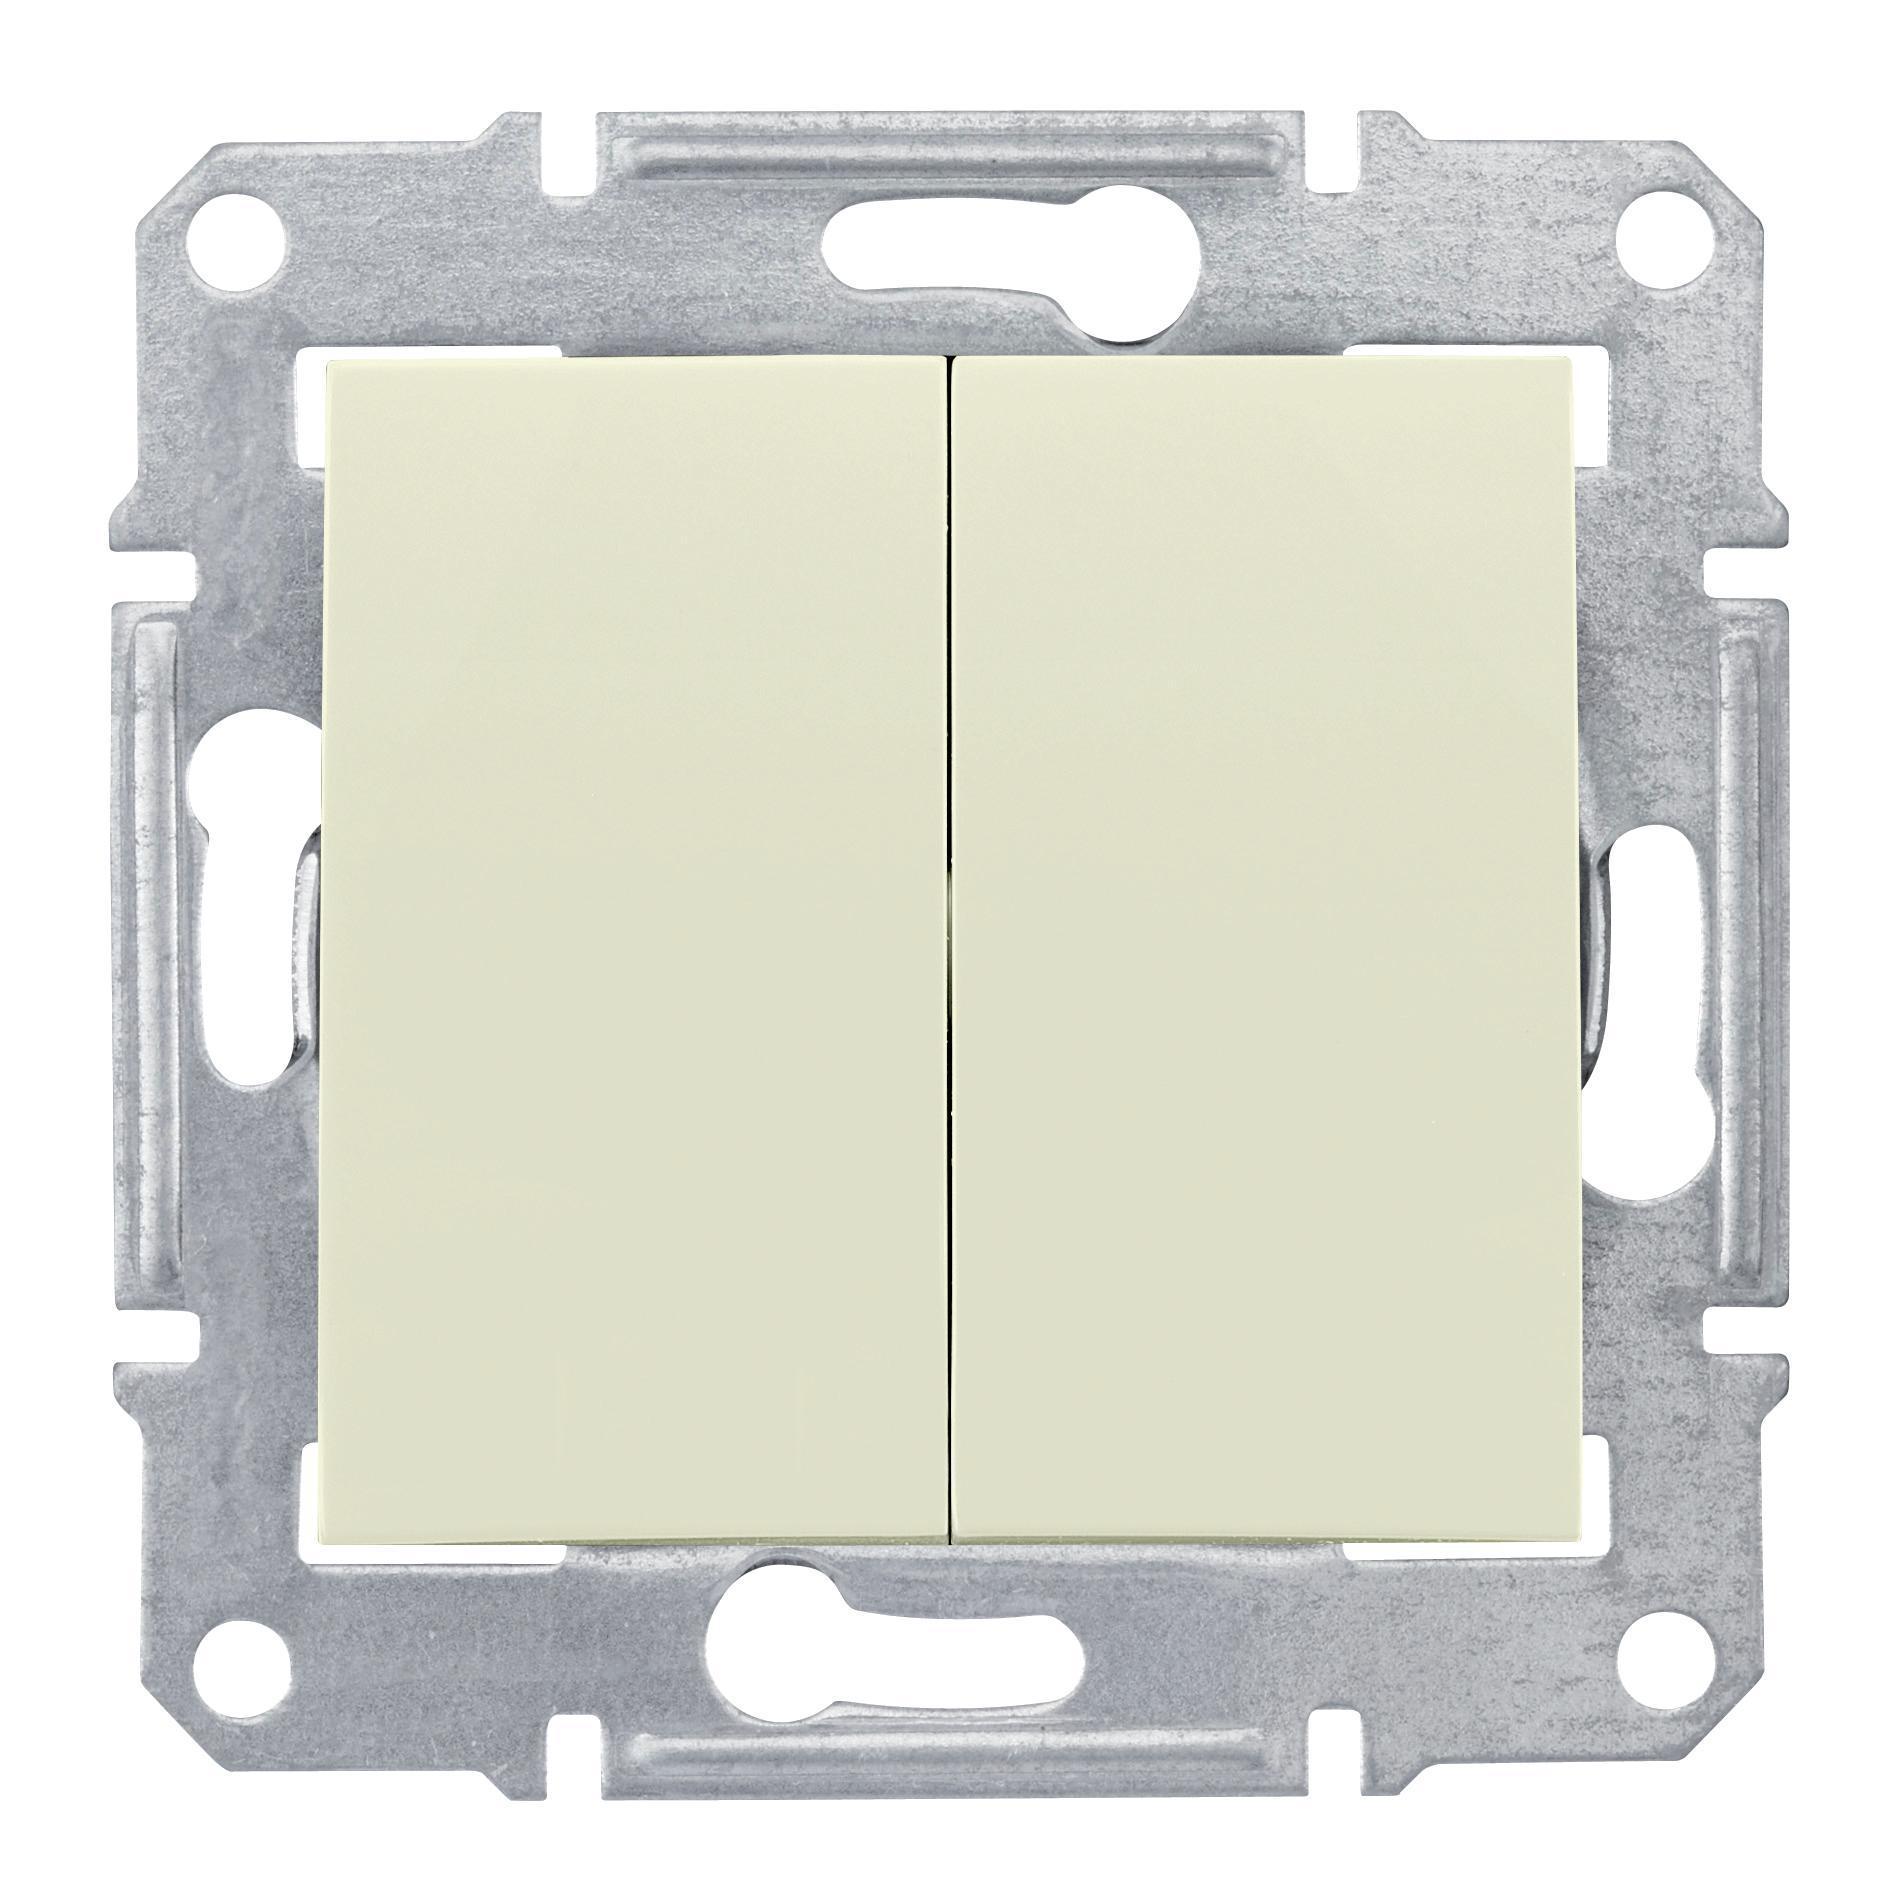 Переключатель Schneider electric Sdn0600147